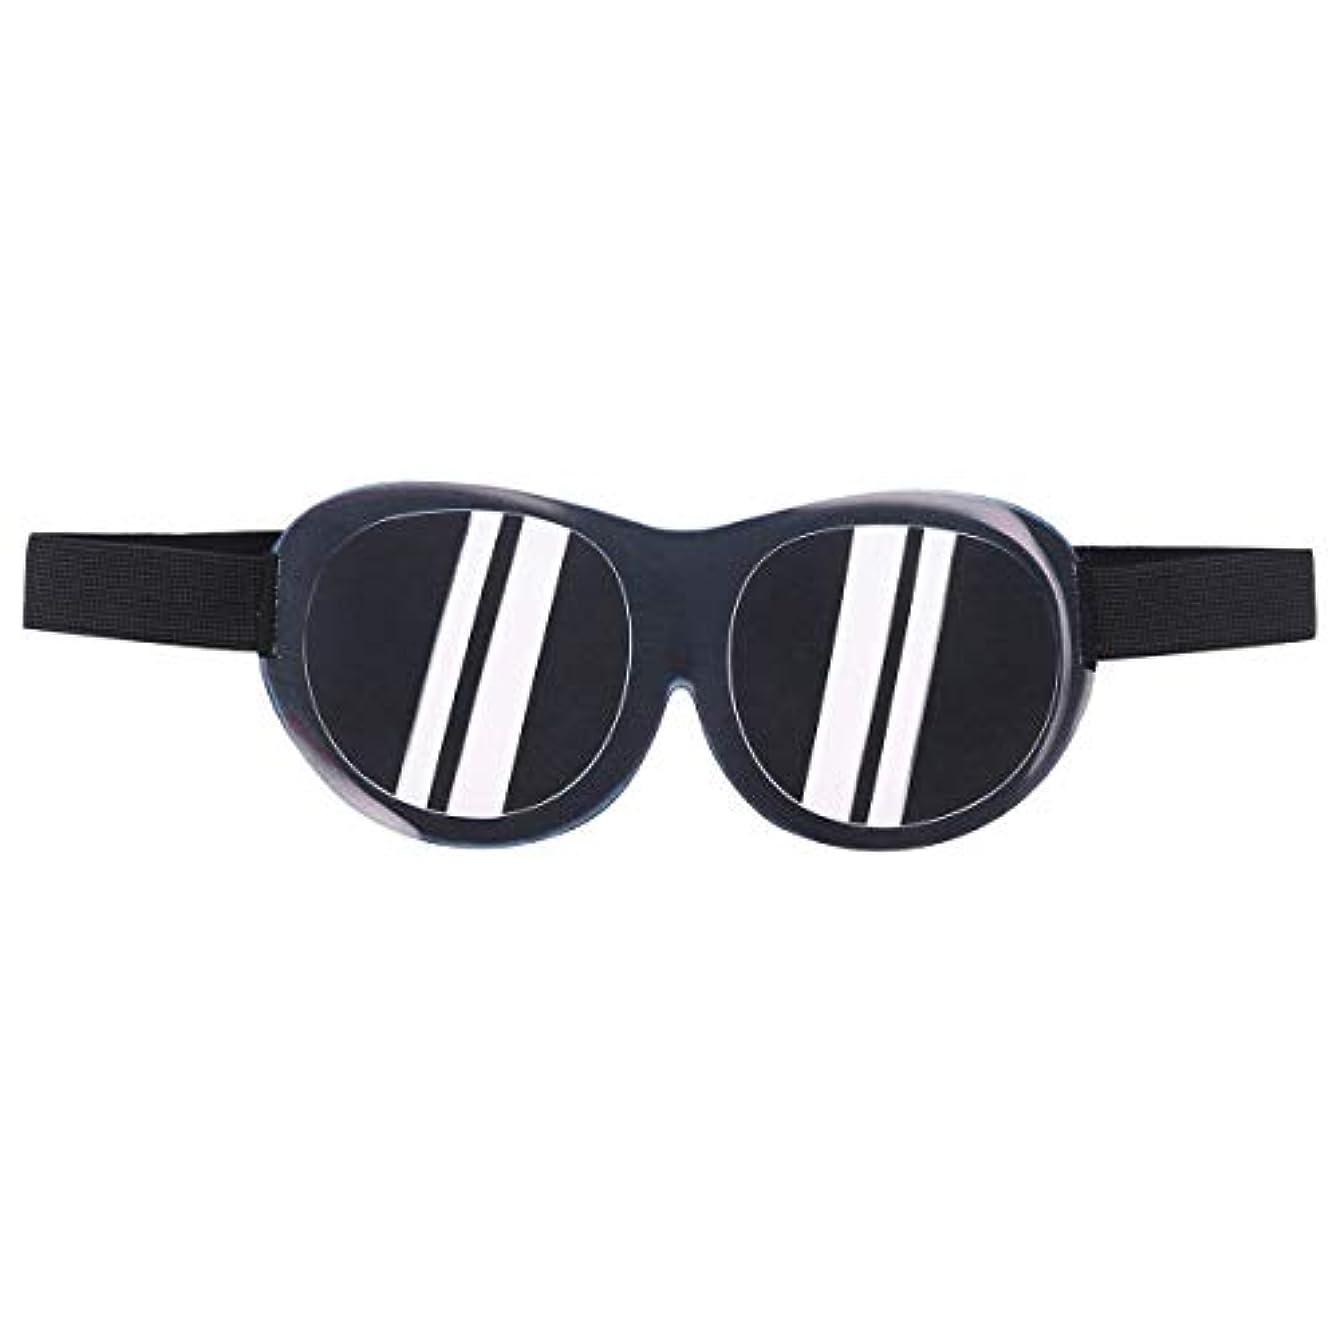 冷ややかな爆風一掃するSUPVOX 面白いアイシェード3Dスリープマスクブラインドパッチアイマスク目隠し